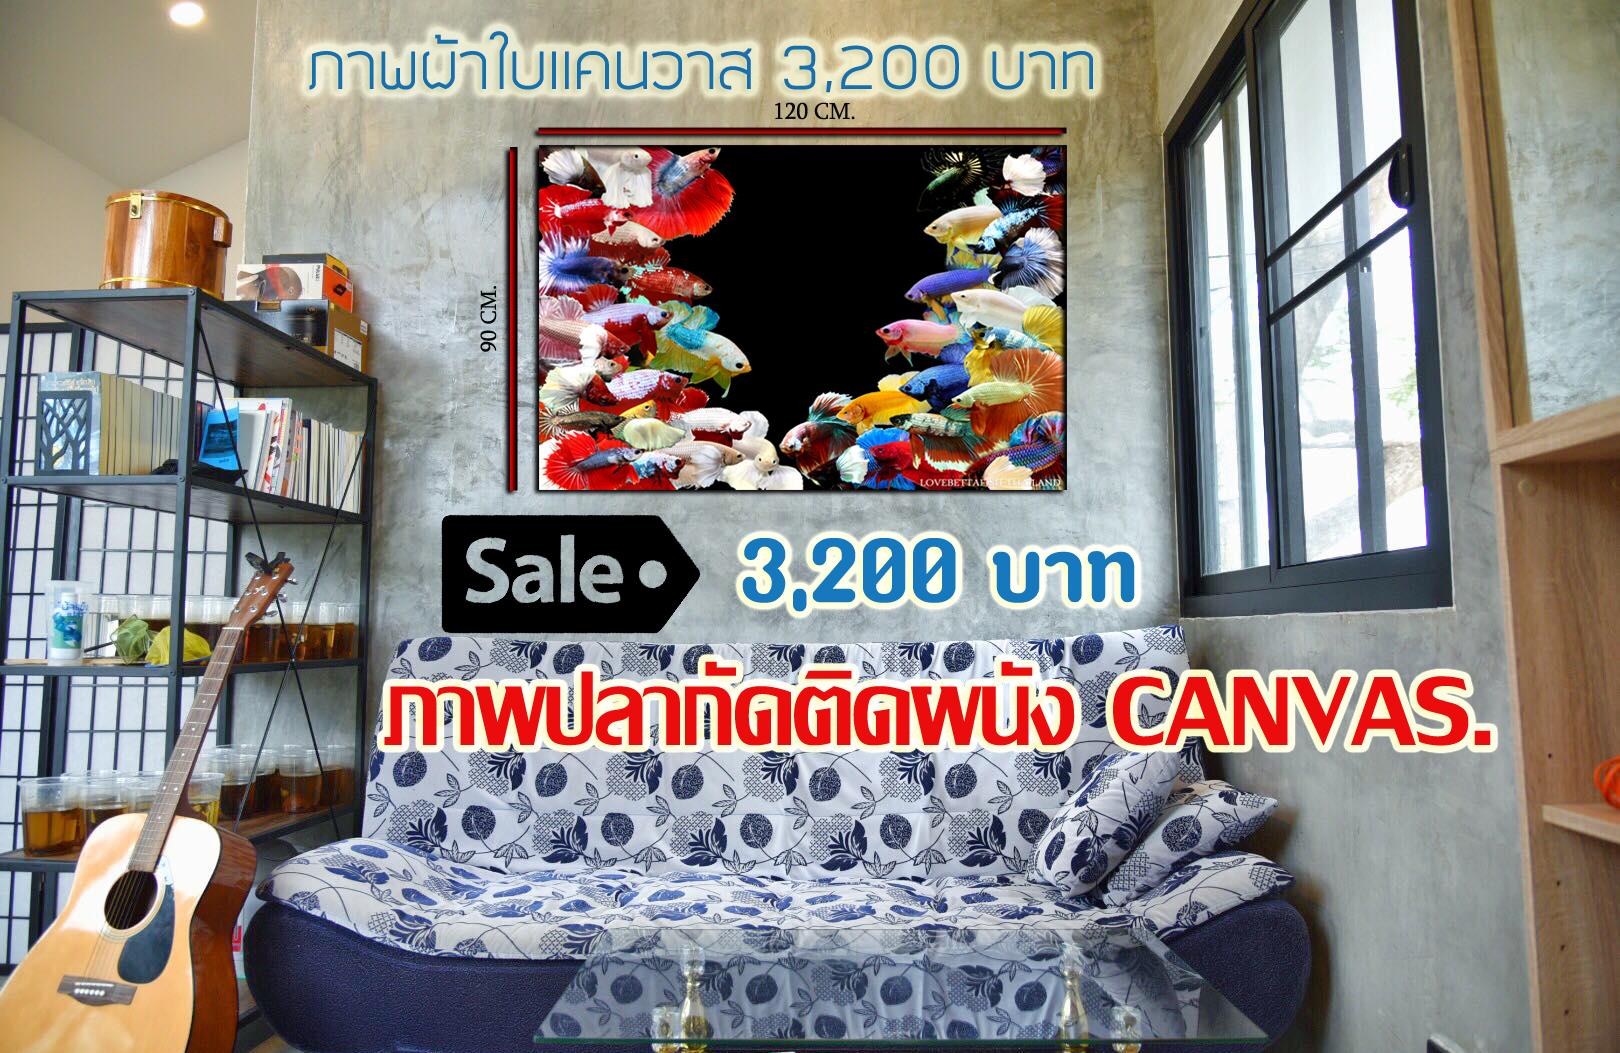 ภาพพิมพ์ปลากัดติดผนังเสริมฮวงจุ้ยภาพผ้าใบงานพิมพ์แคนวาส งานระดับ HD คุณภาพสูงไฟล์ใหญ่ ขนาด 120 cm. * 90 cm.